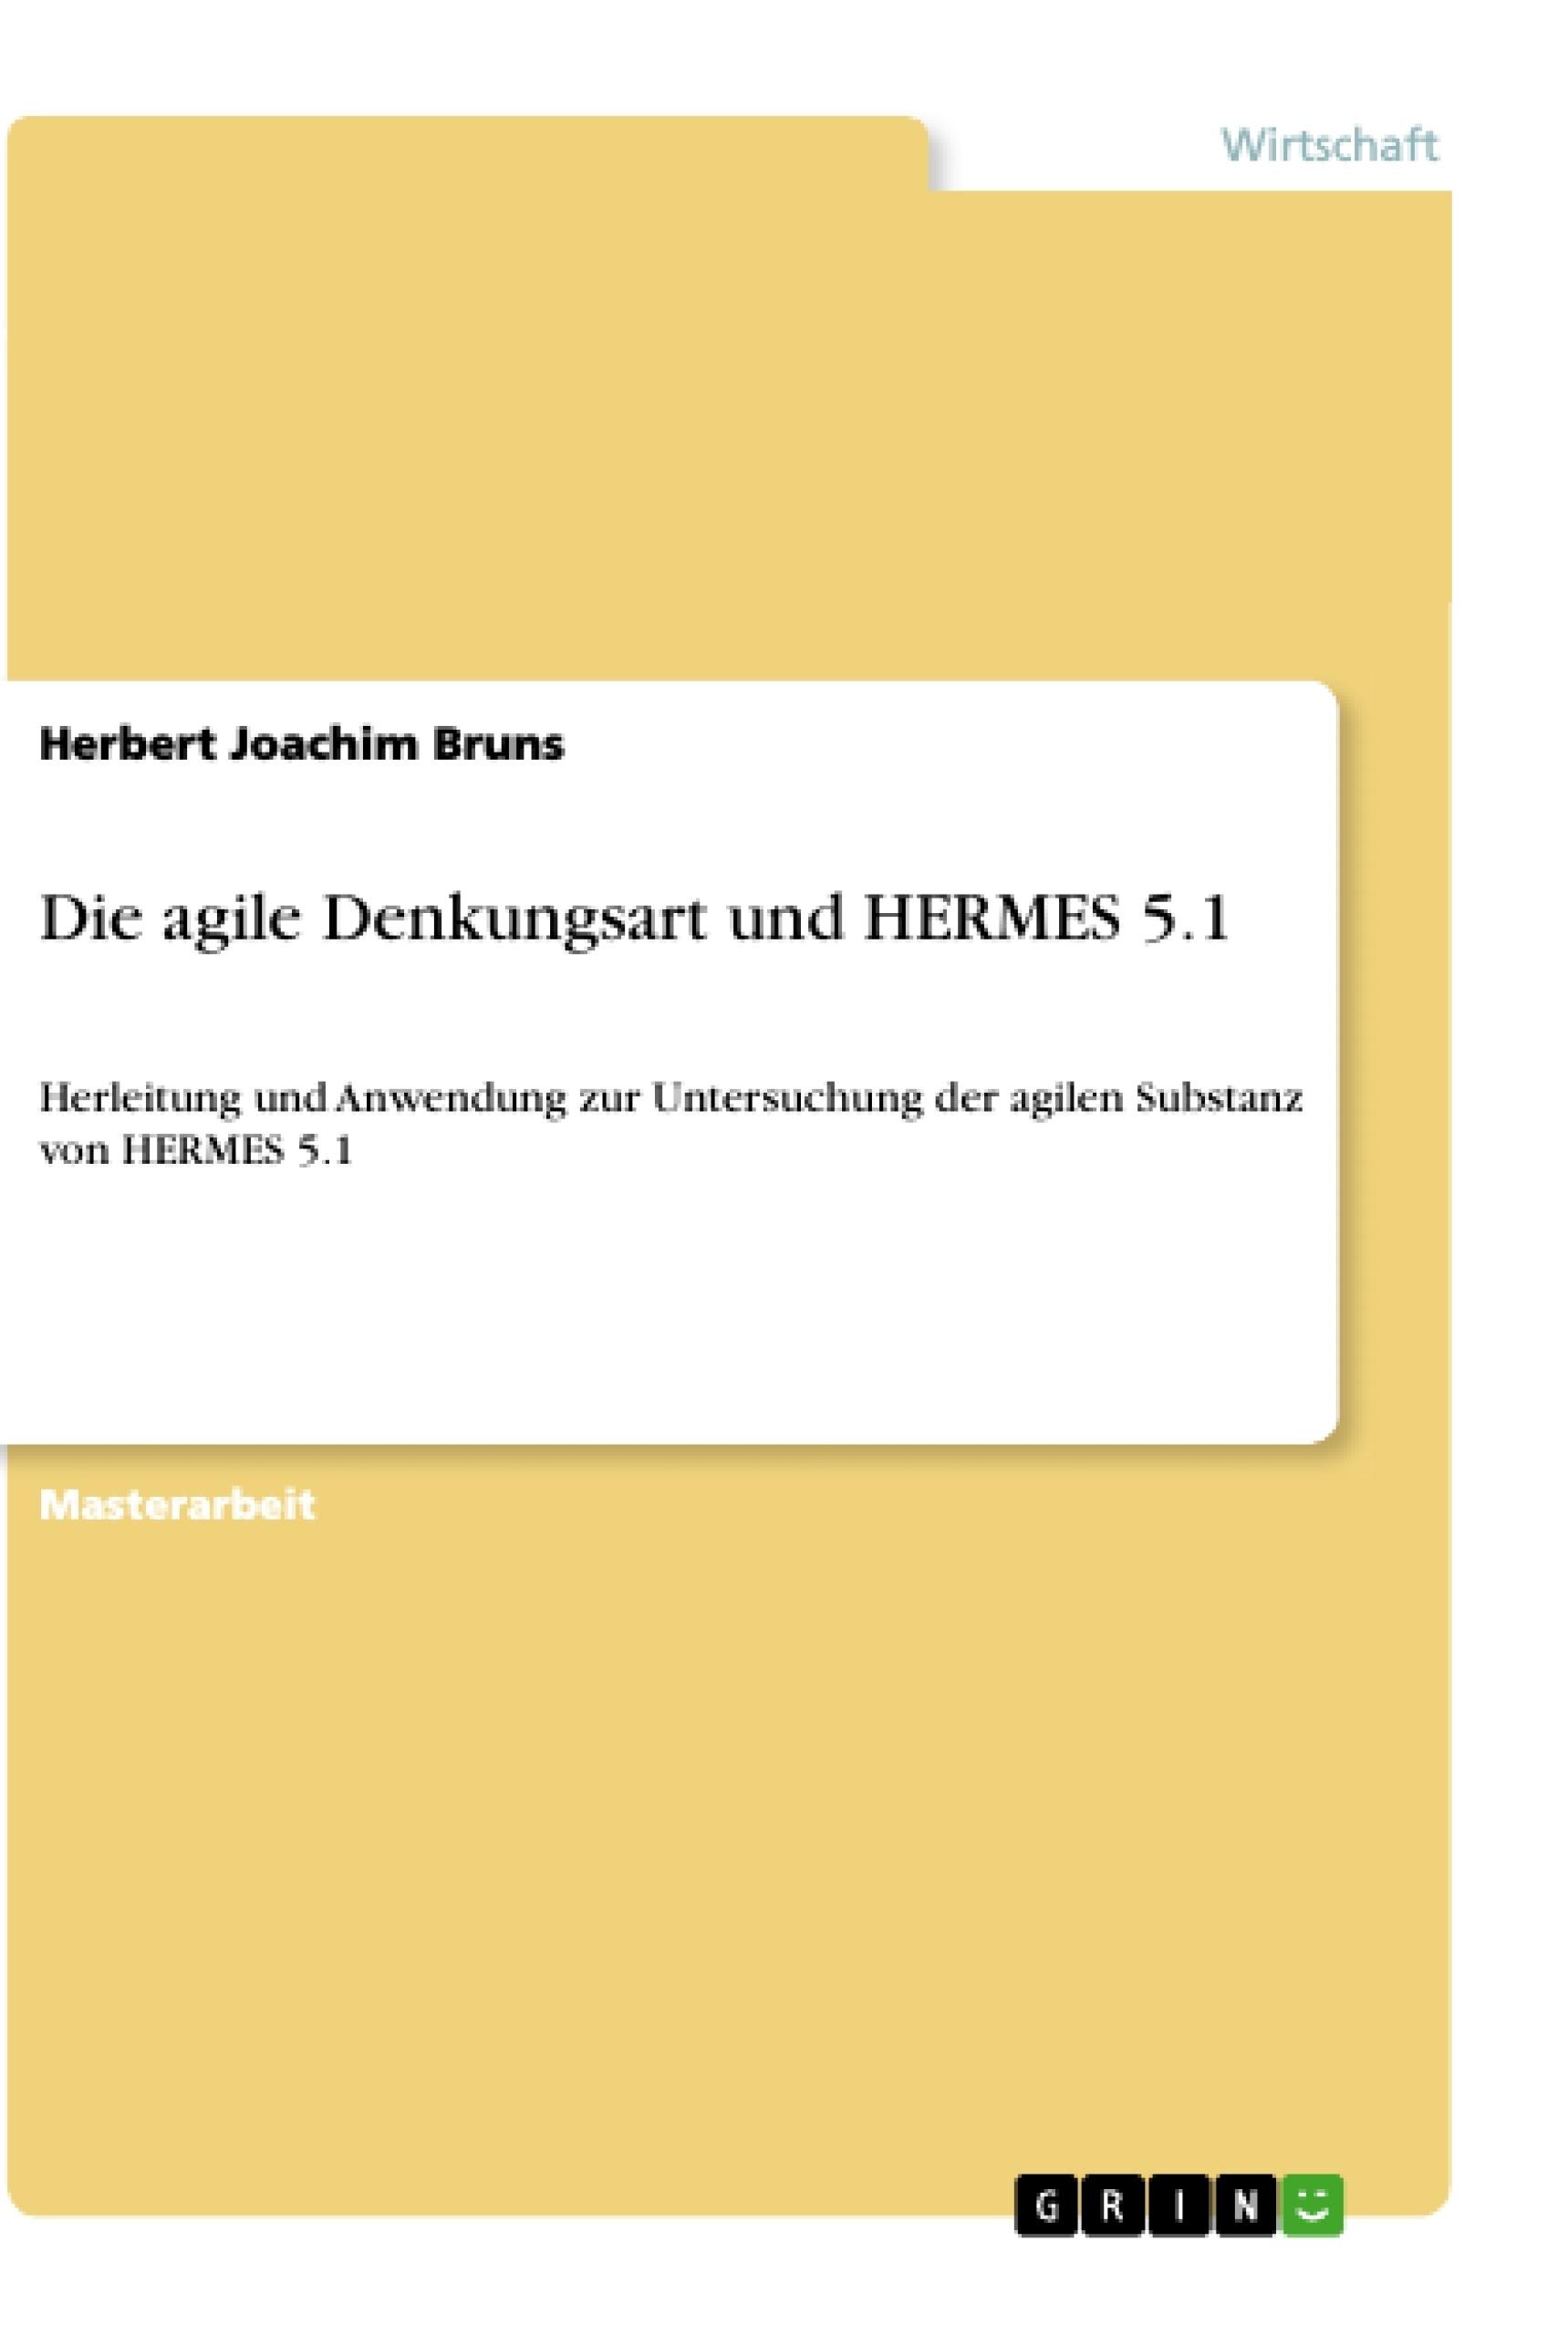 Titel: Die agile Denkungsart und HERMES 5.1